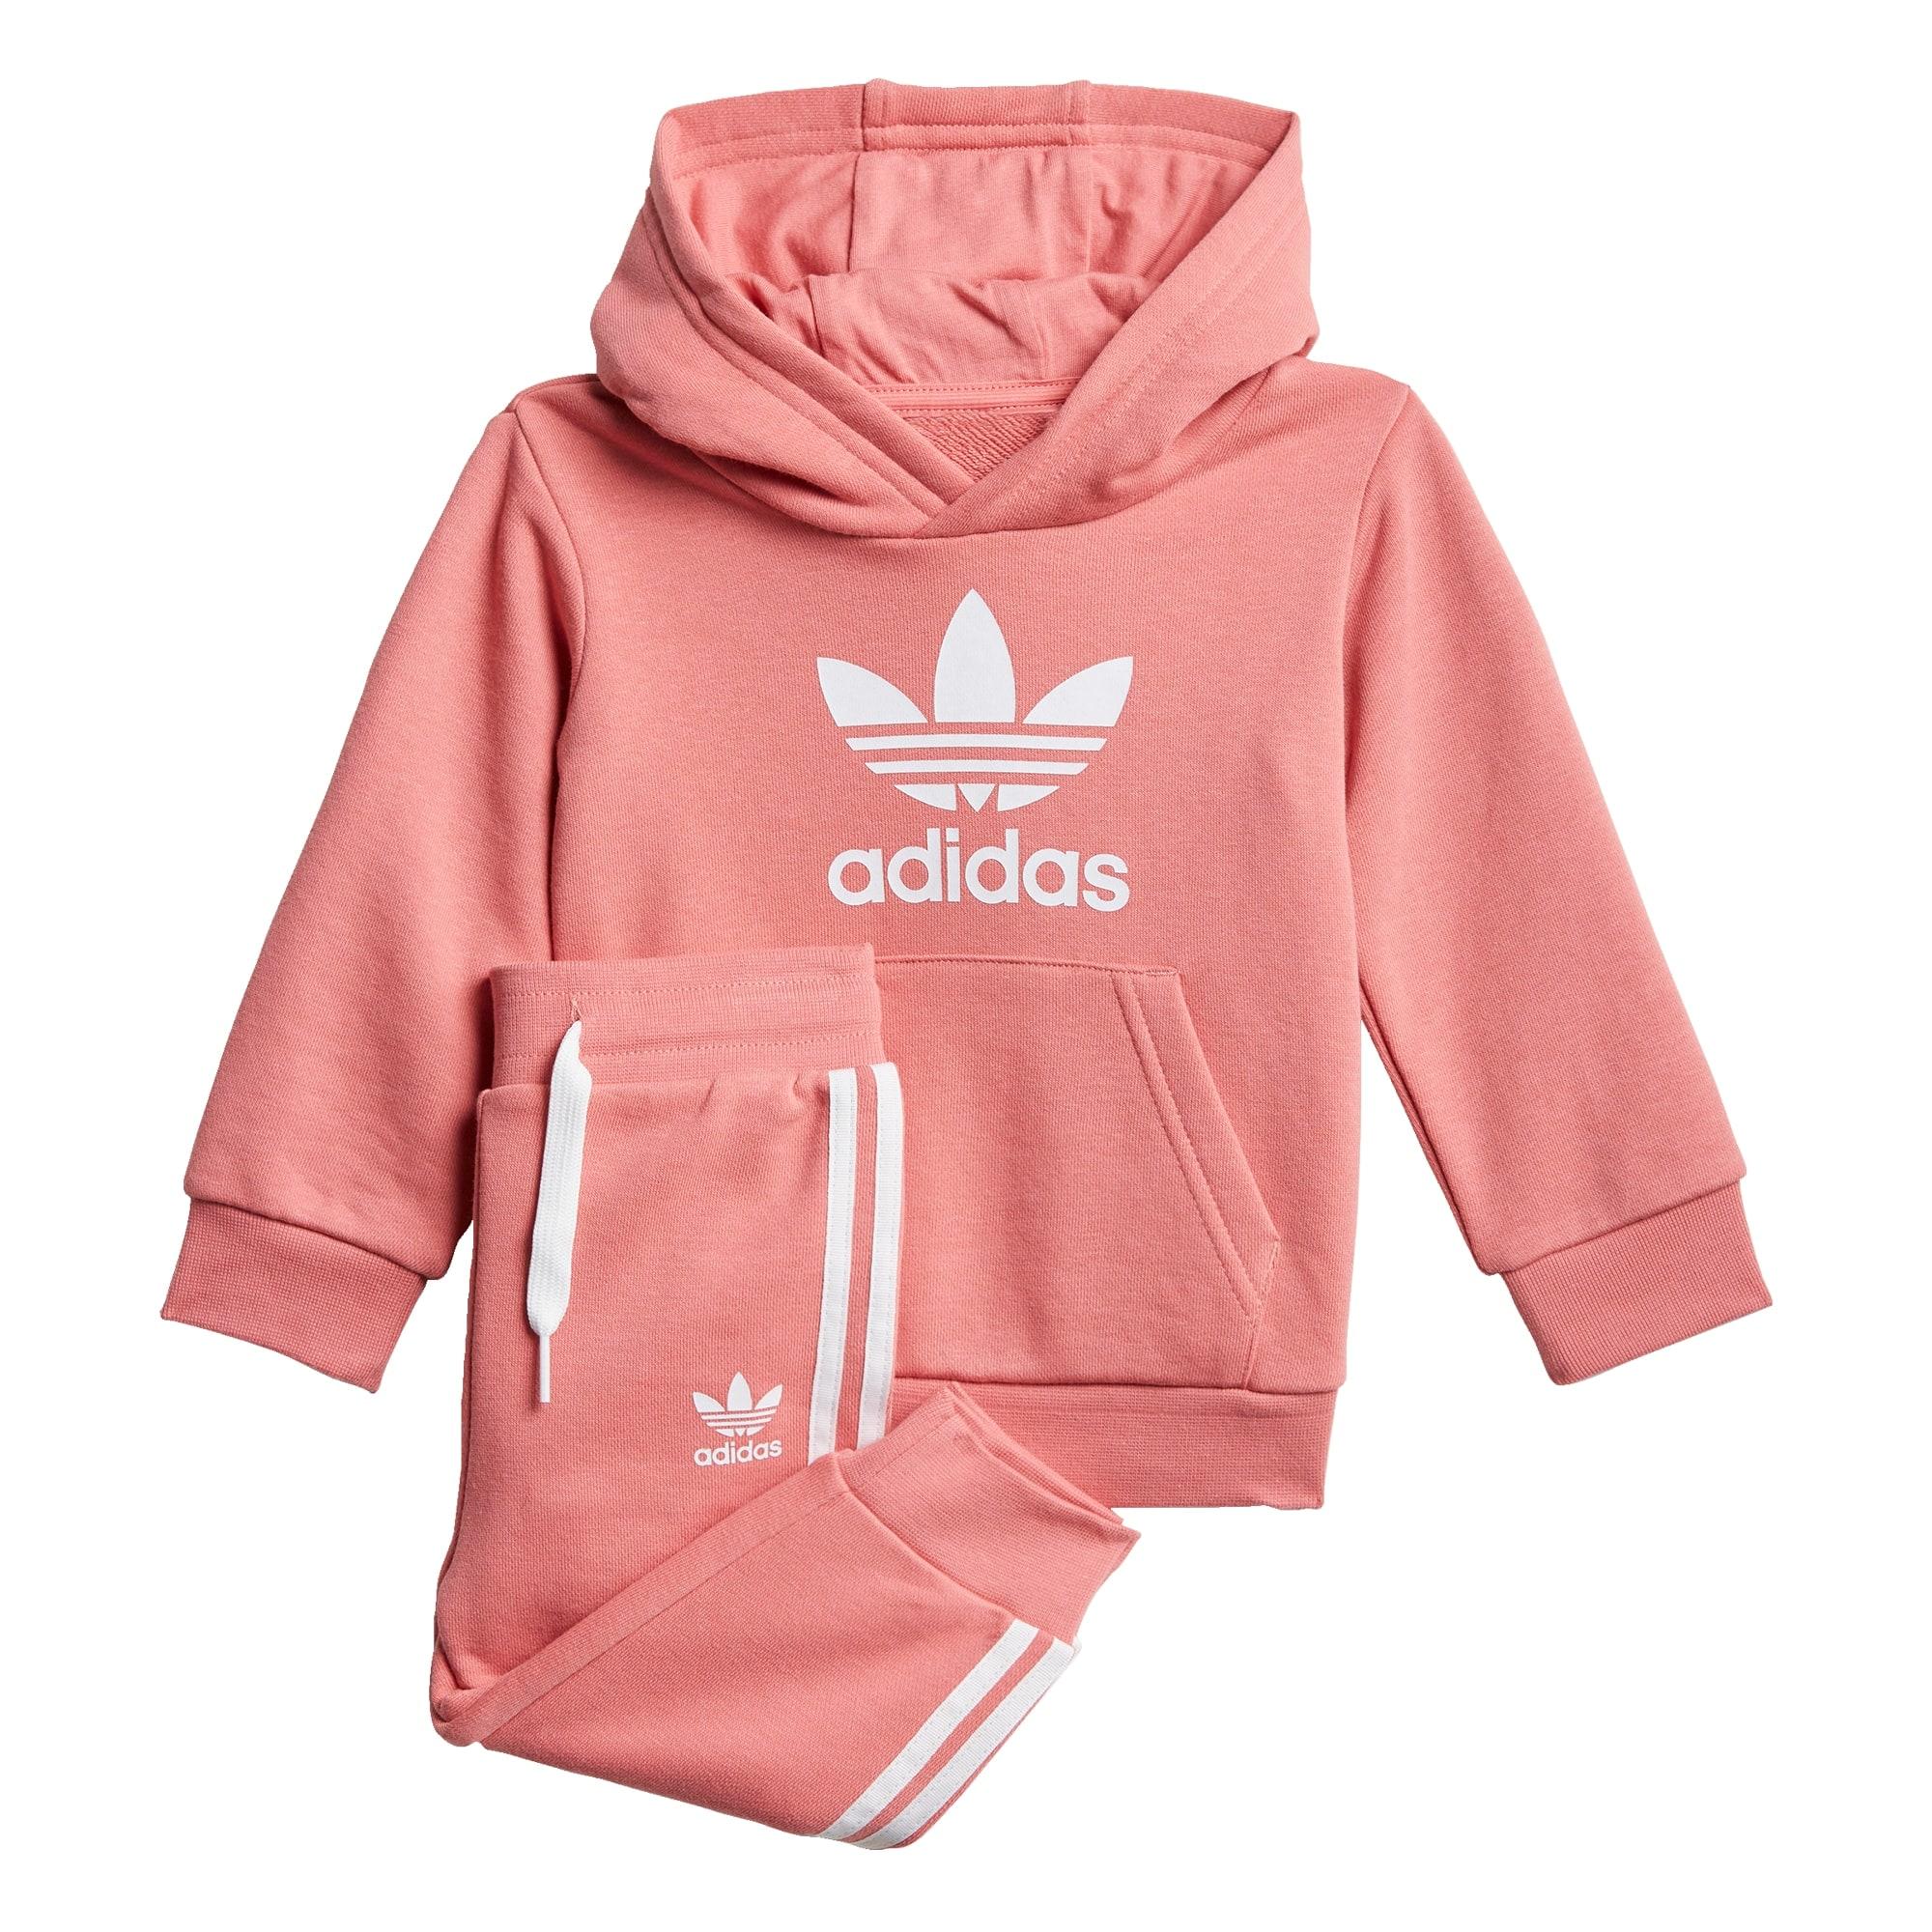 ADIDAS ORIGINALS Treningas balta / ryškiai rožinė spalva